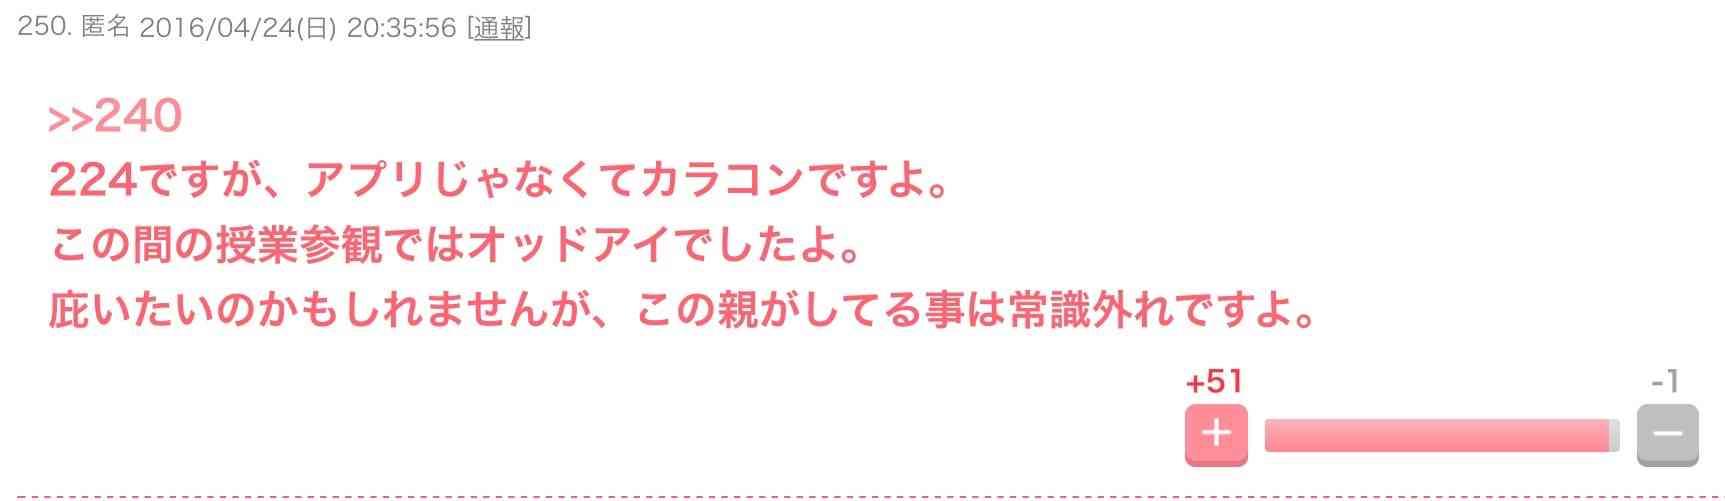 7歳のホスト・琉ちゃろくんのファッションが凄いw 高級ブランド揃い!!